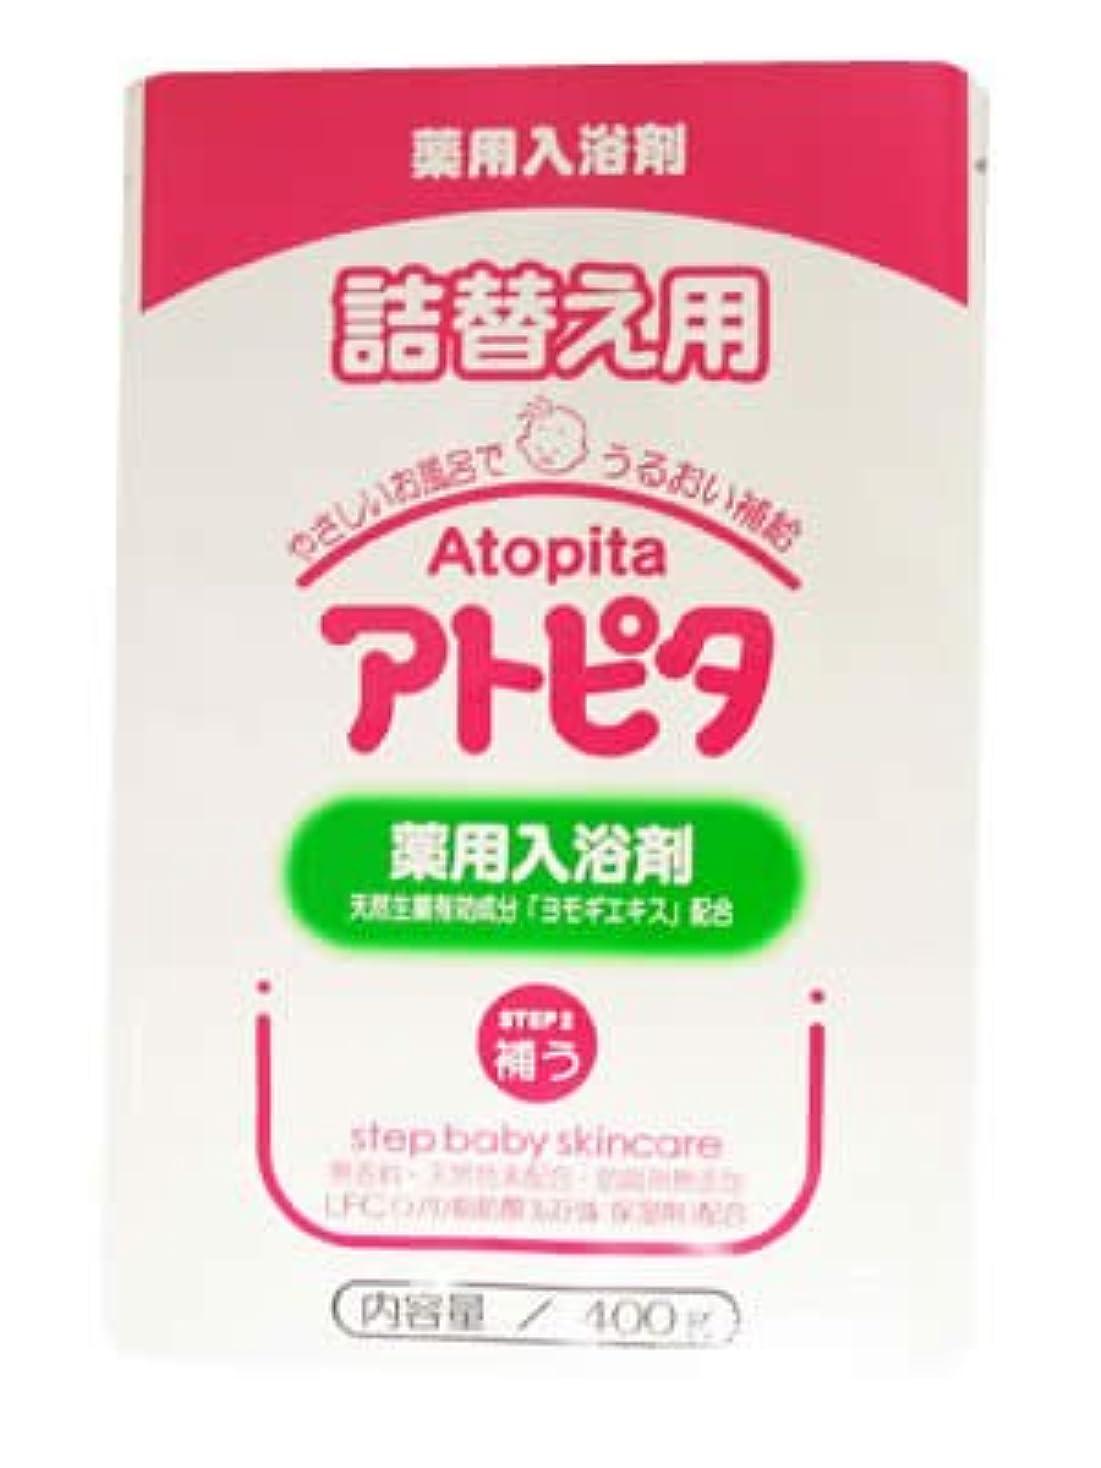 フルート約安心新アルエット アトピタ 薬用入浴剤 詰替え 400g ×10個セット